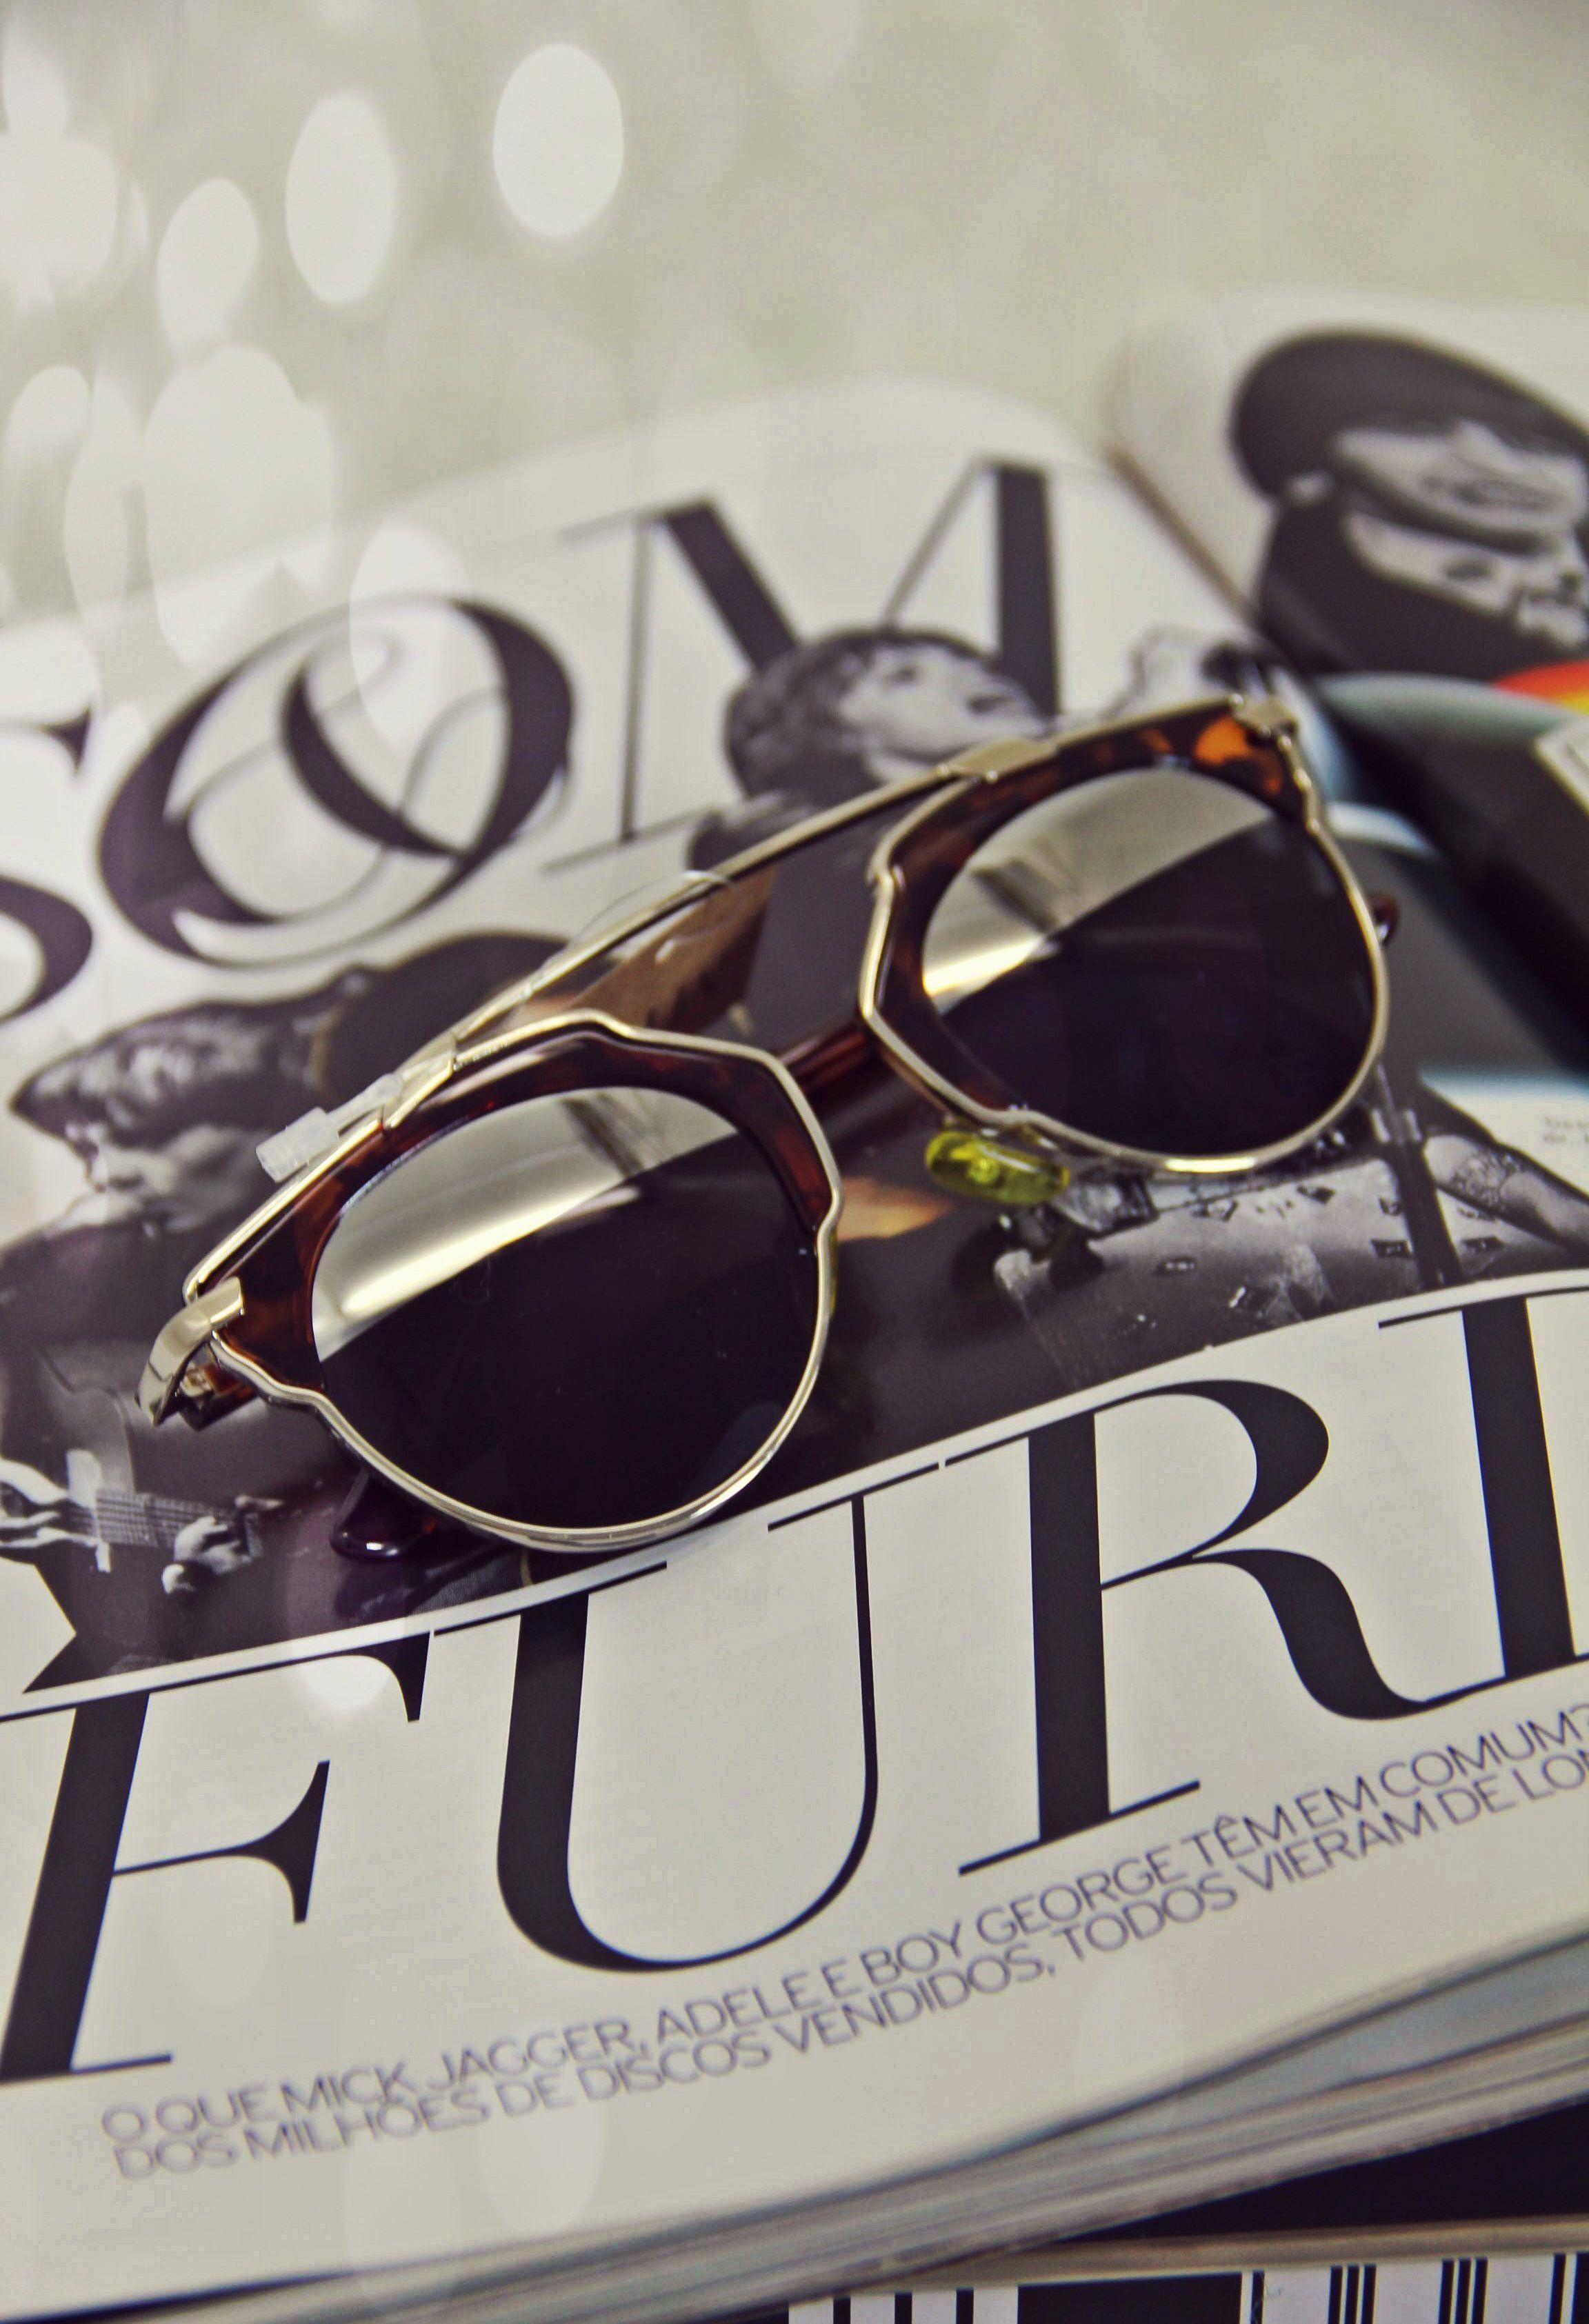 Venha desfrutar da sensação de ter o óculos mais disputado do momento! We ♥  Dior Soreal www.oticaswanny.com  sunglasses  online  shop  oticas  wanny   so   ... f7ba47eb9a